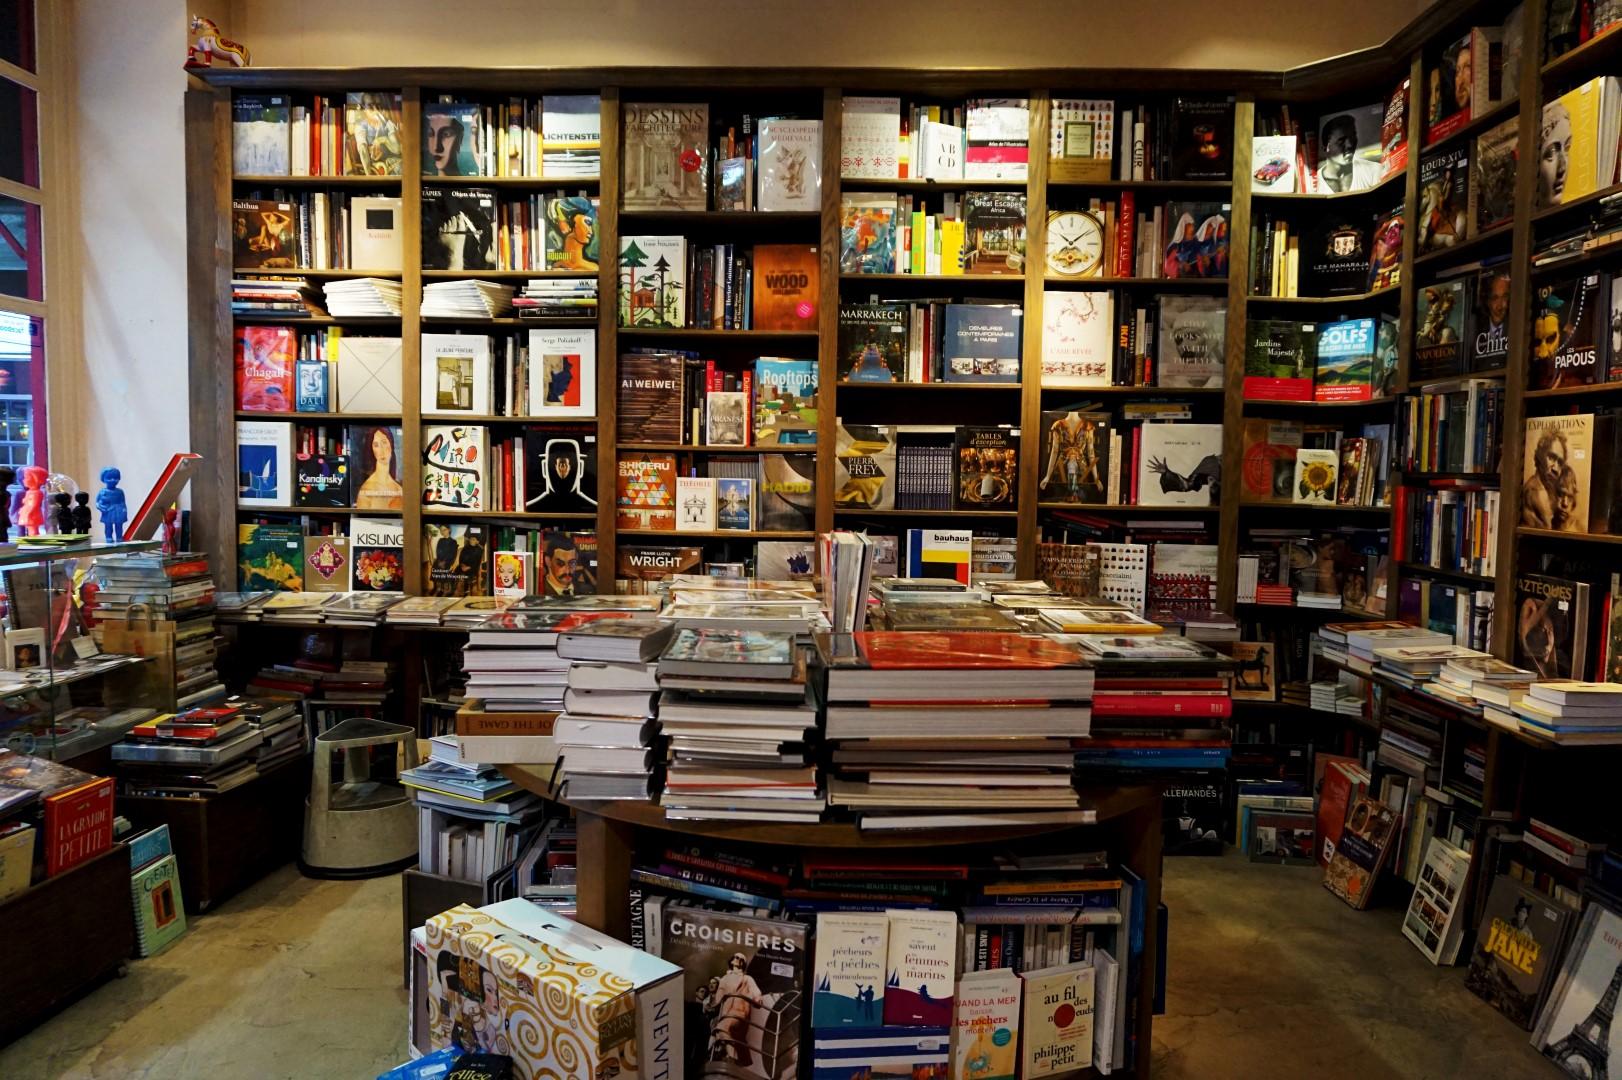 Librairie rue Dauphine